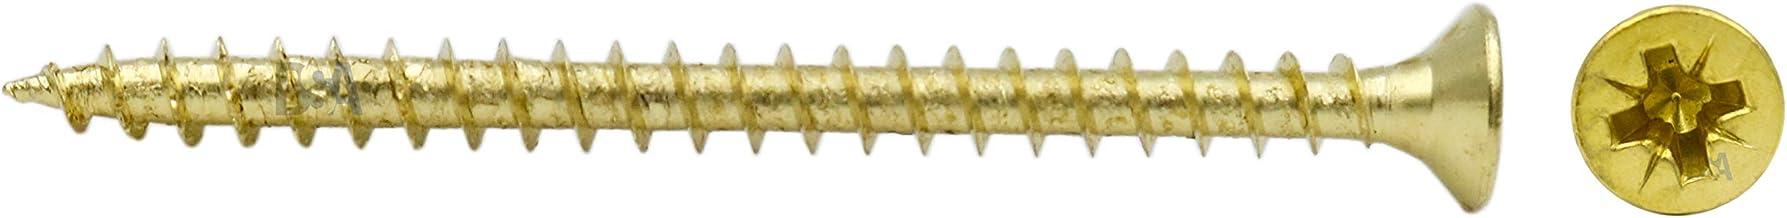 50 tornillos 3 x 50 mm rosca parcial 40 mm IROX acero galvanizado cabeza cruz Pozidriv PZD plana avellanada tornillo para madera y aglomerado 3 x 50 aglomerados